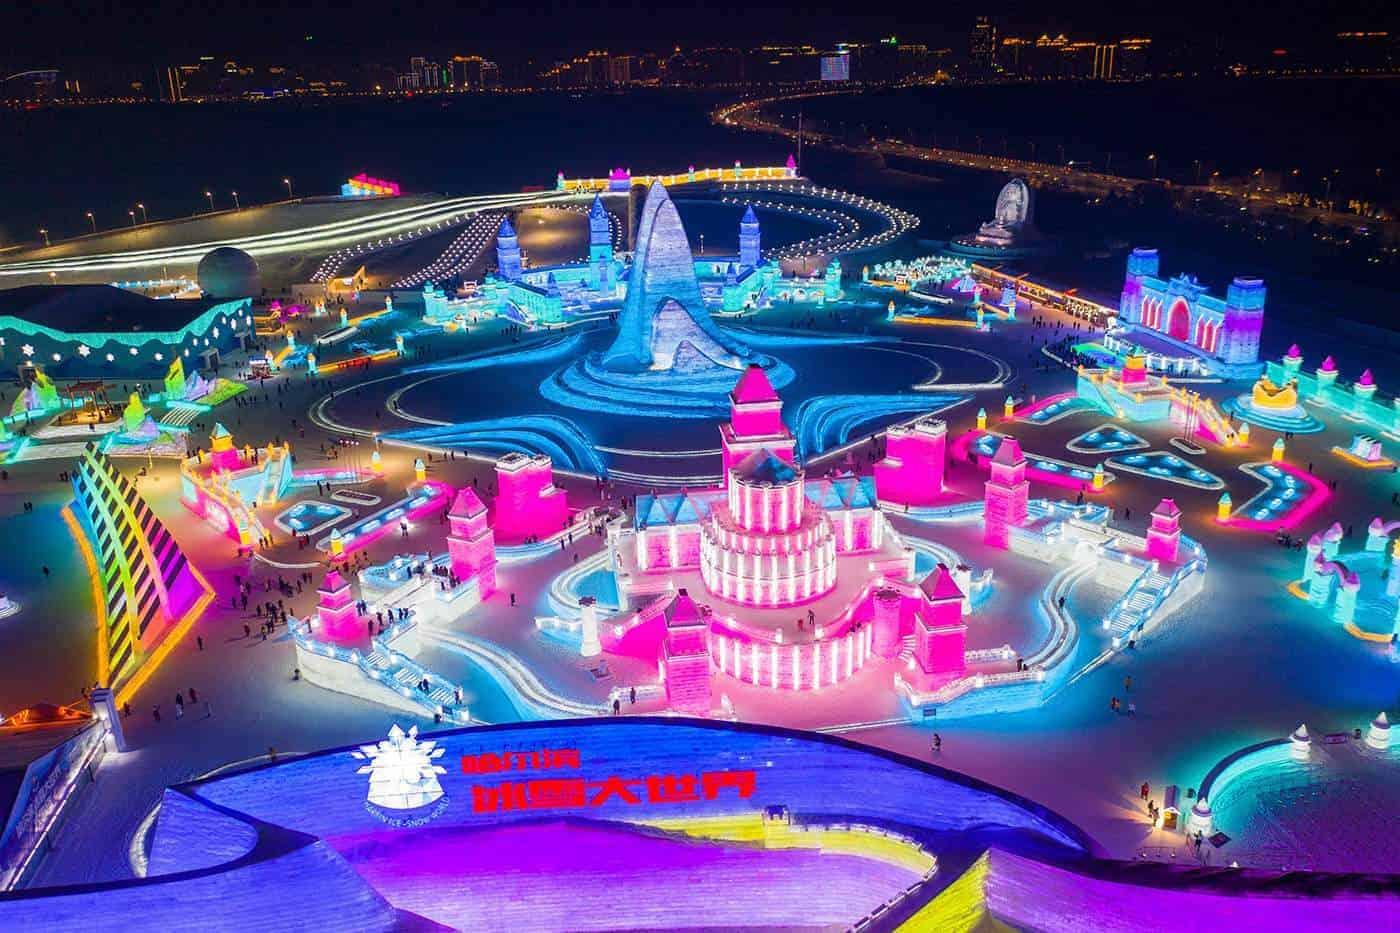 China ya esta disfrutando de su espectacular Festival de Esculturas de Nieve y Hielo, en Harbin